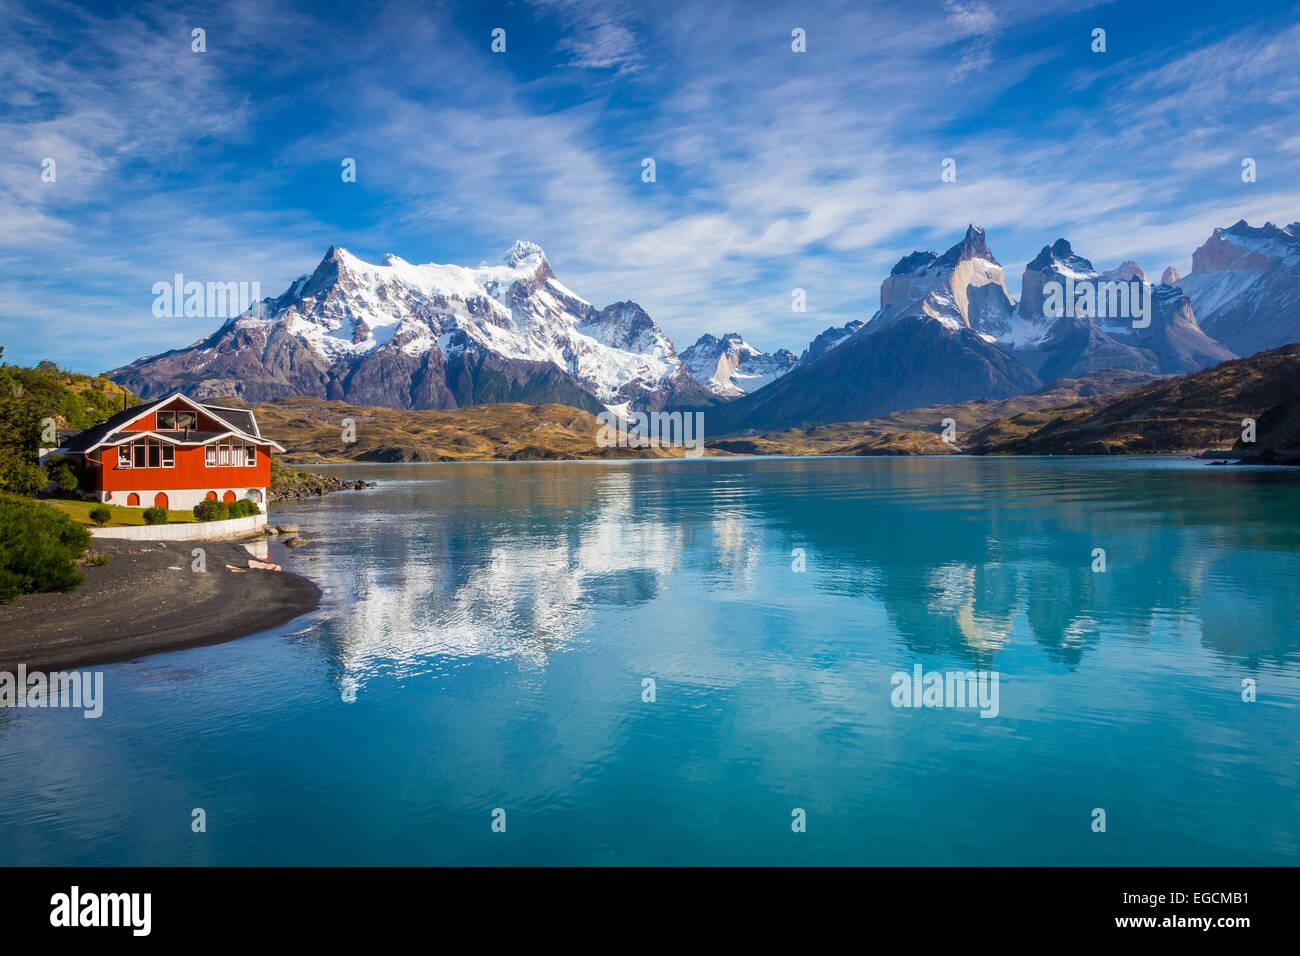 Parque Nacional Torres del Paine abarca montañas, glaciares, lagos y ríos en el sur de la Patagonia Chilena Imagen De Stock